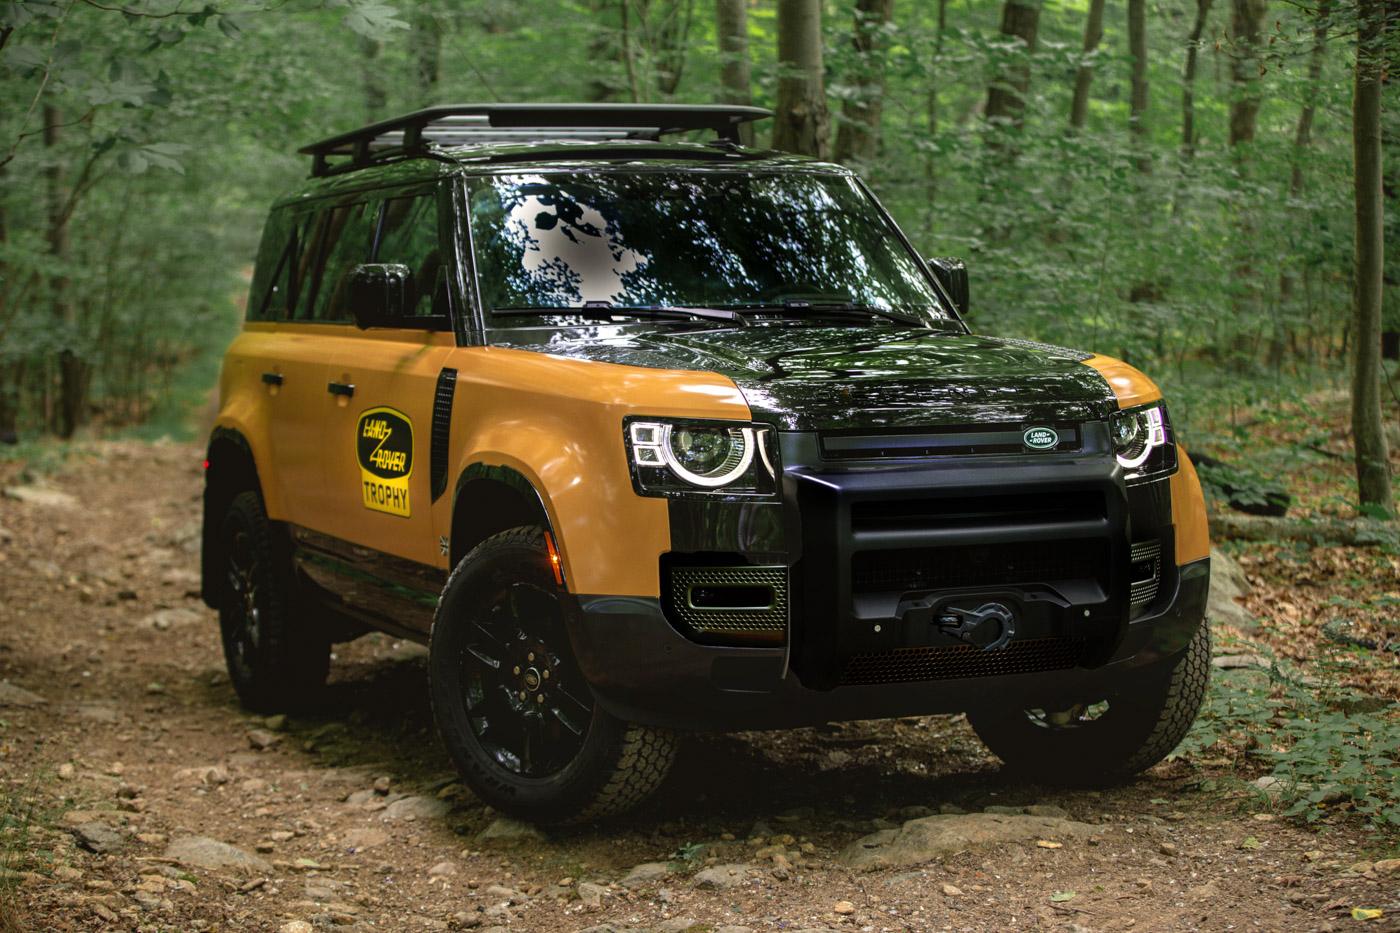 Land-Rover-Defender-L663-Trophy-Edition-2.jpg